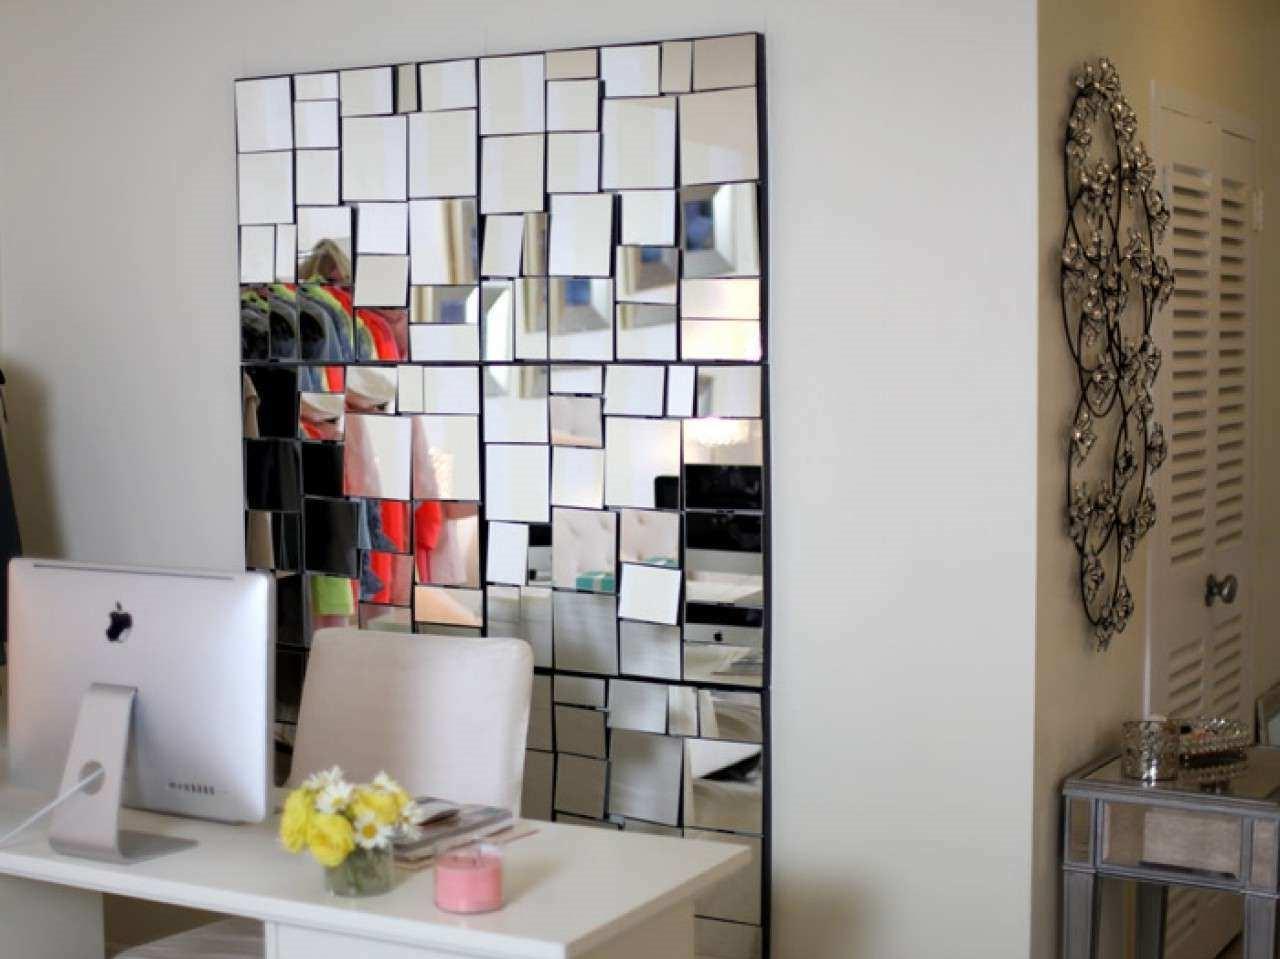 Miroir décoratif pour votre bureau.